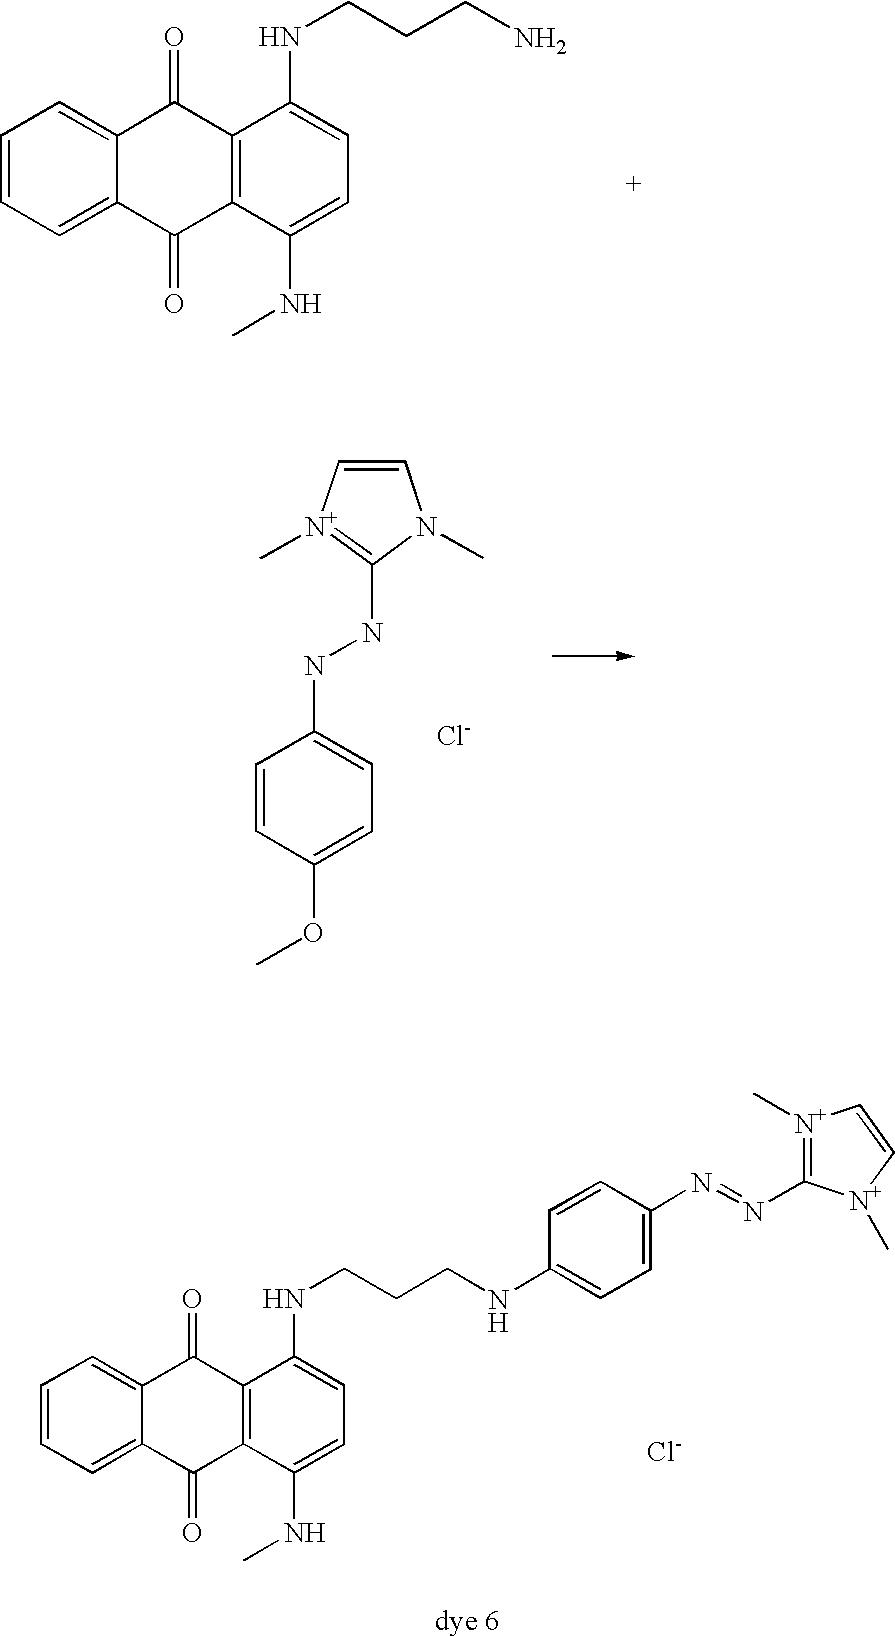 Figure US07582122-20090901-C00067